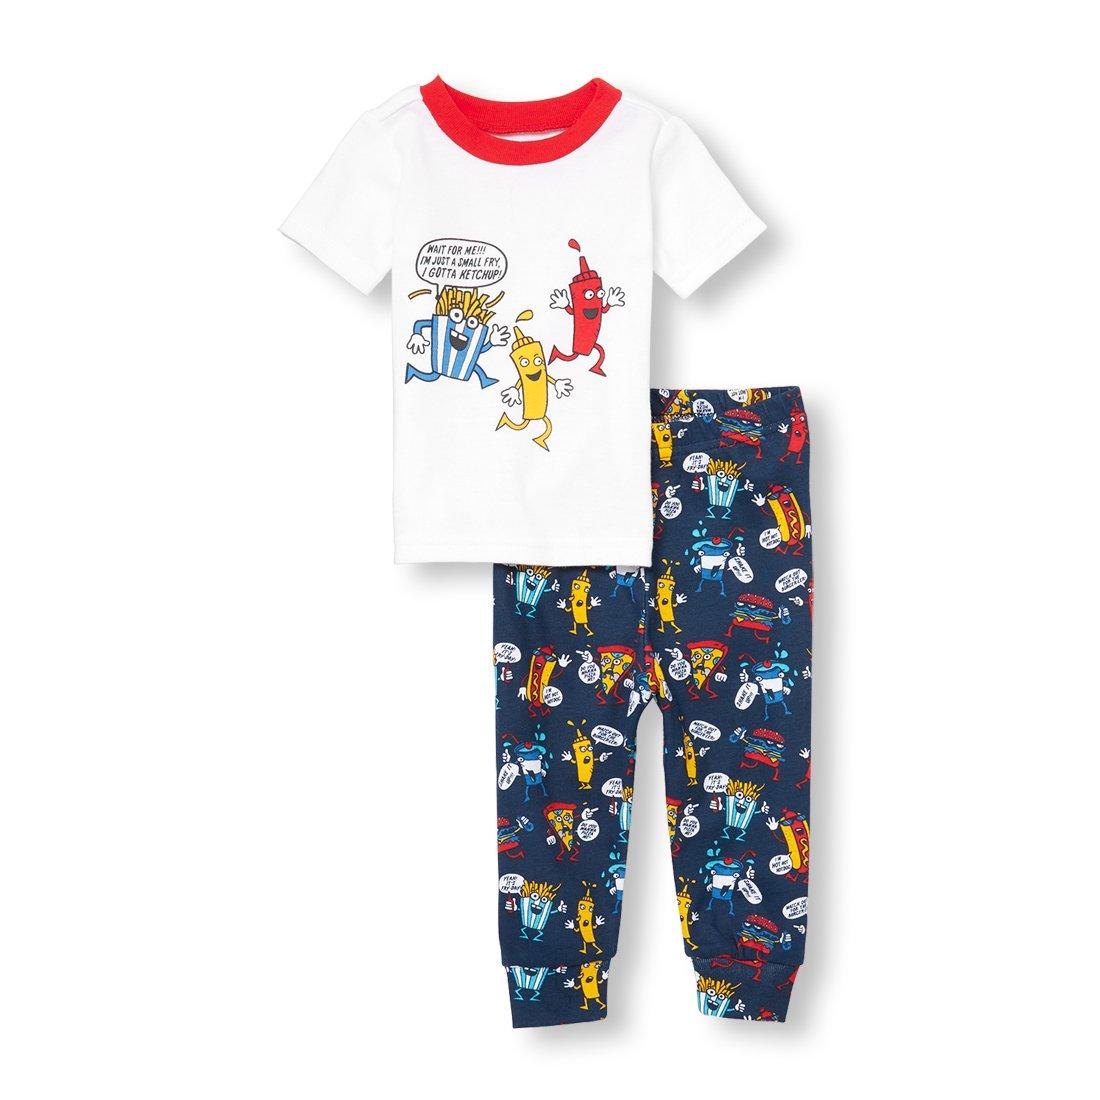 驚きの安さ The ホワイト4 Children's The Place SLEEPWEAR ベビーボーイズ 12-18MOS 12-18MOS ホワイト4 B07775B452, ヨコシバマチ:52207868 --- a0267596.xsph.ru